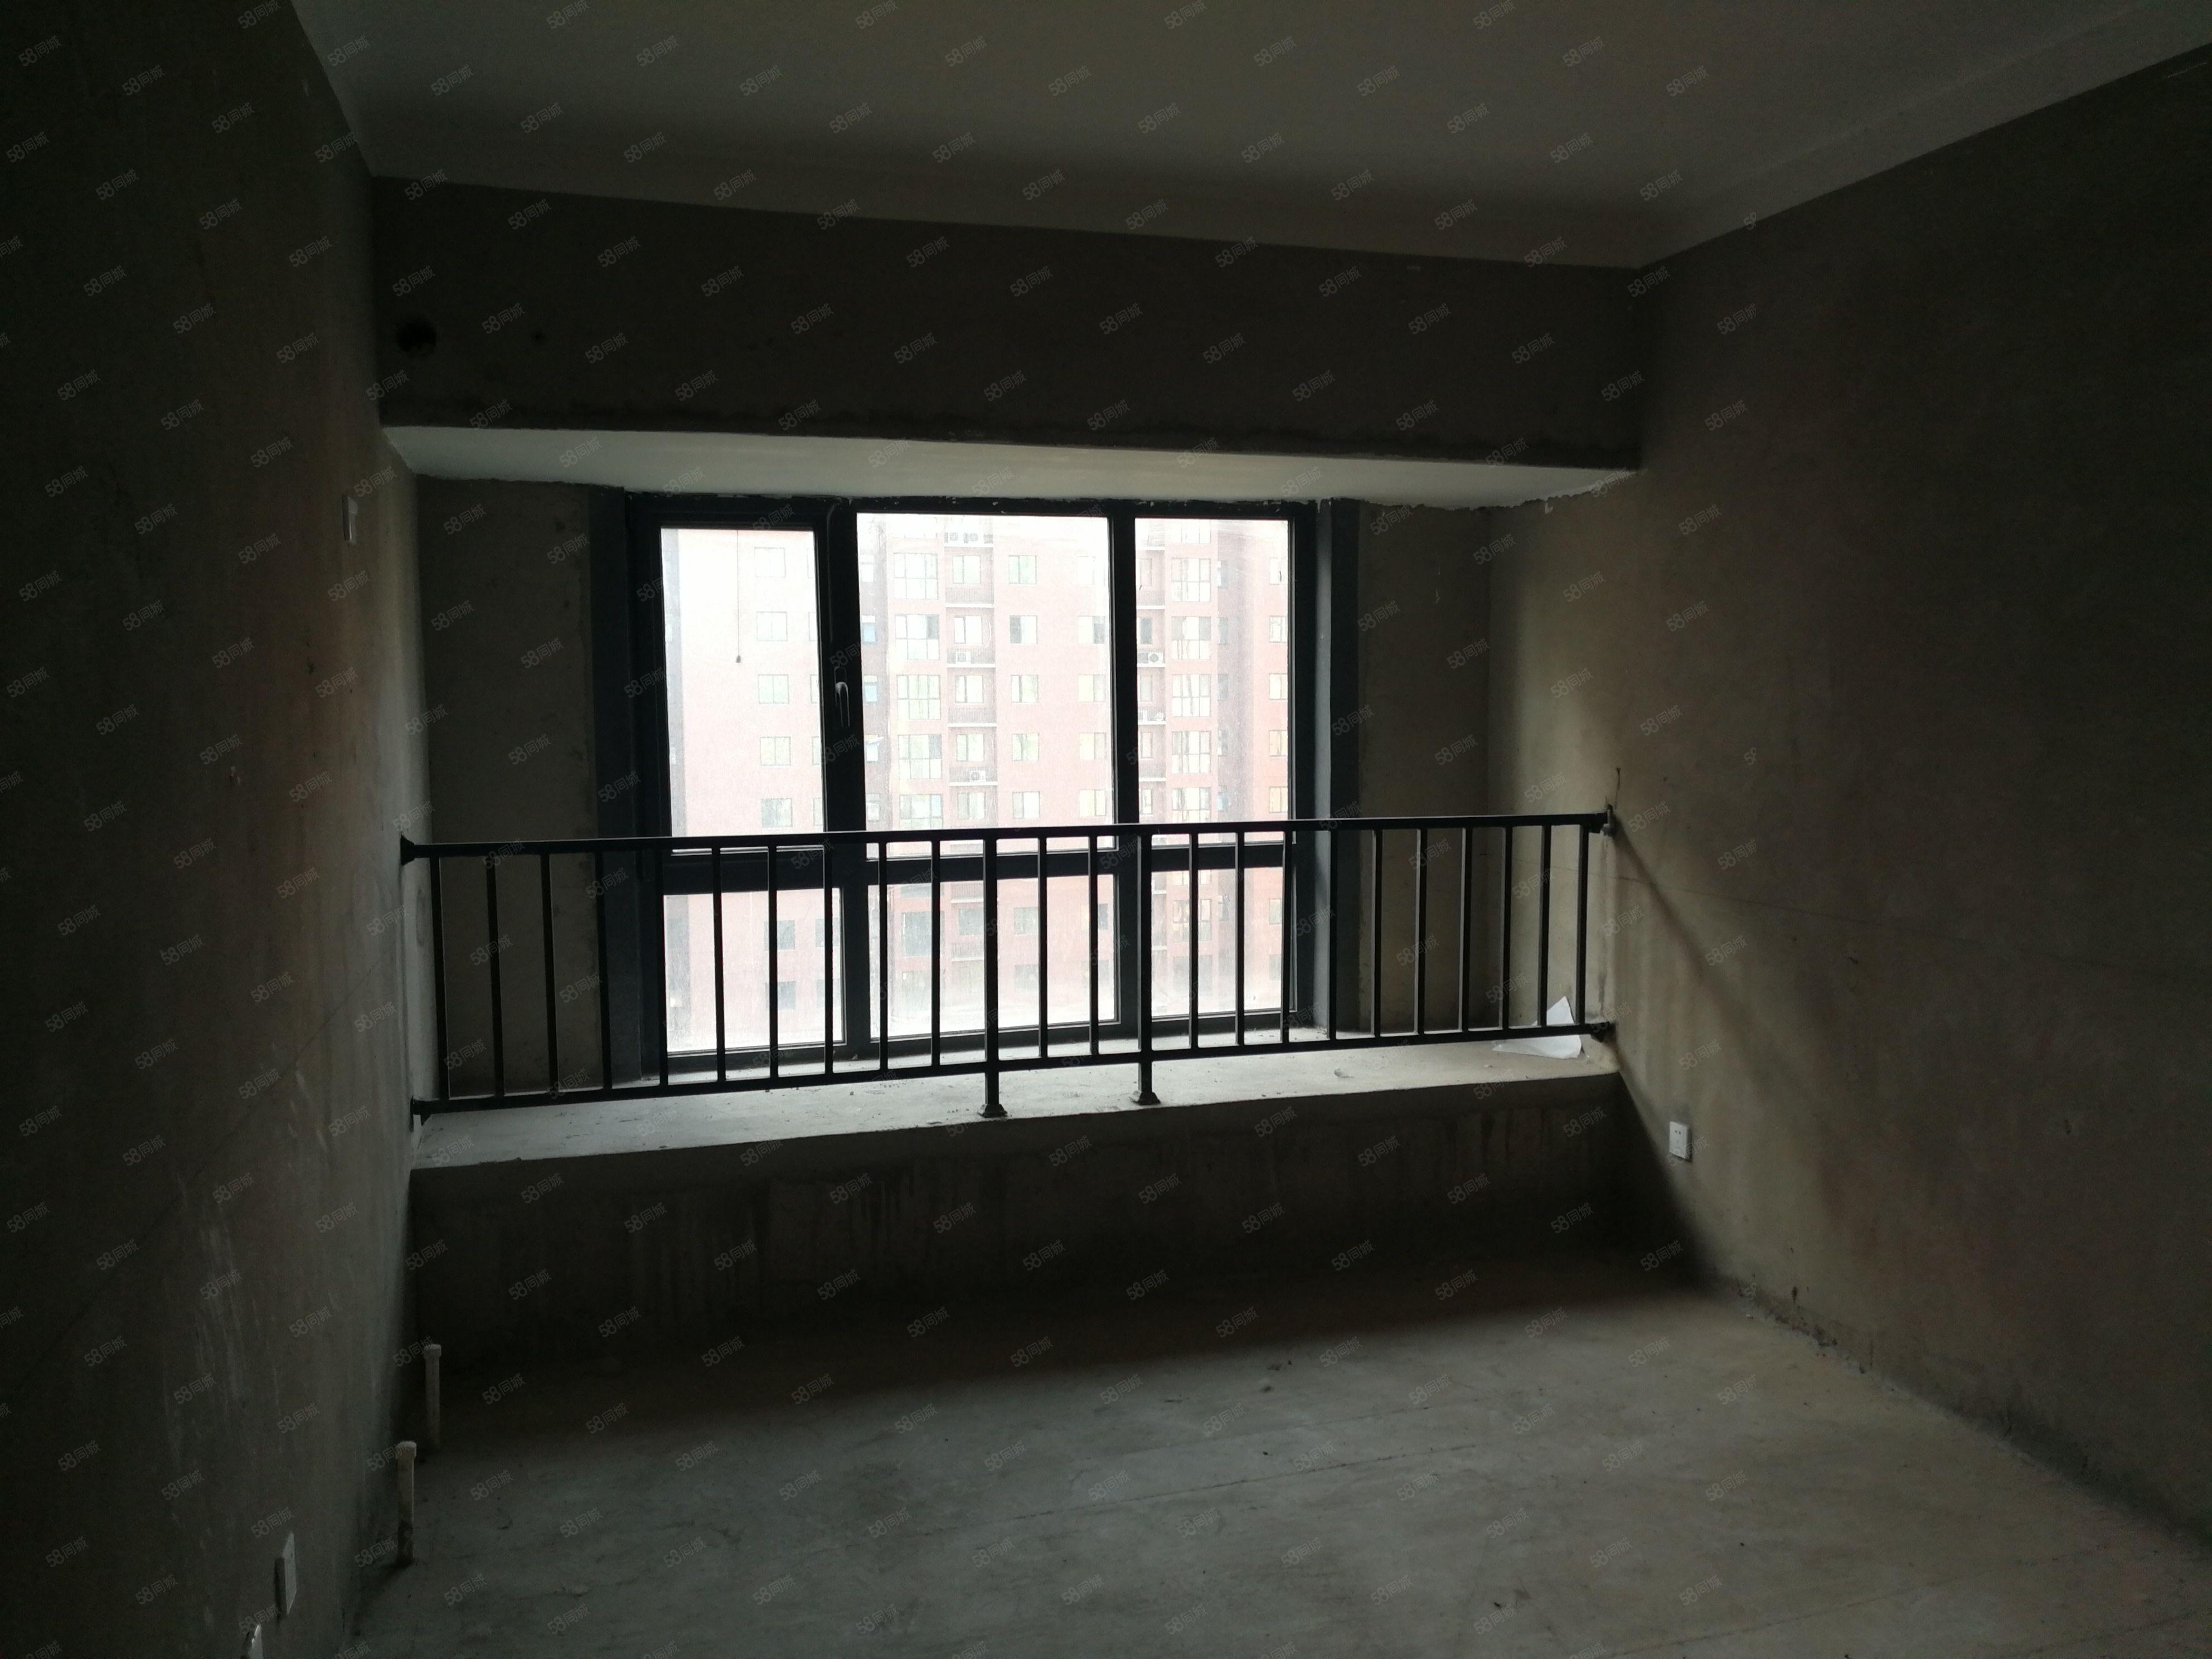 港区国园洋房小区小高层价格,高端现房,位置好,买到就可装修入